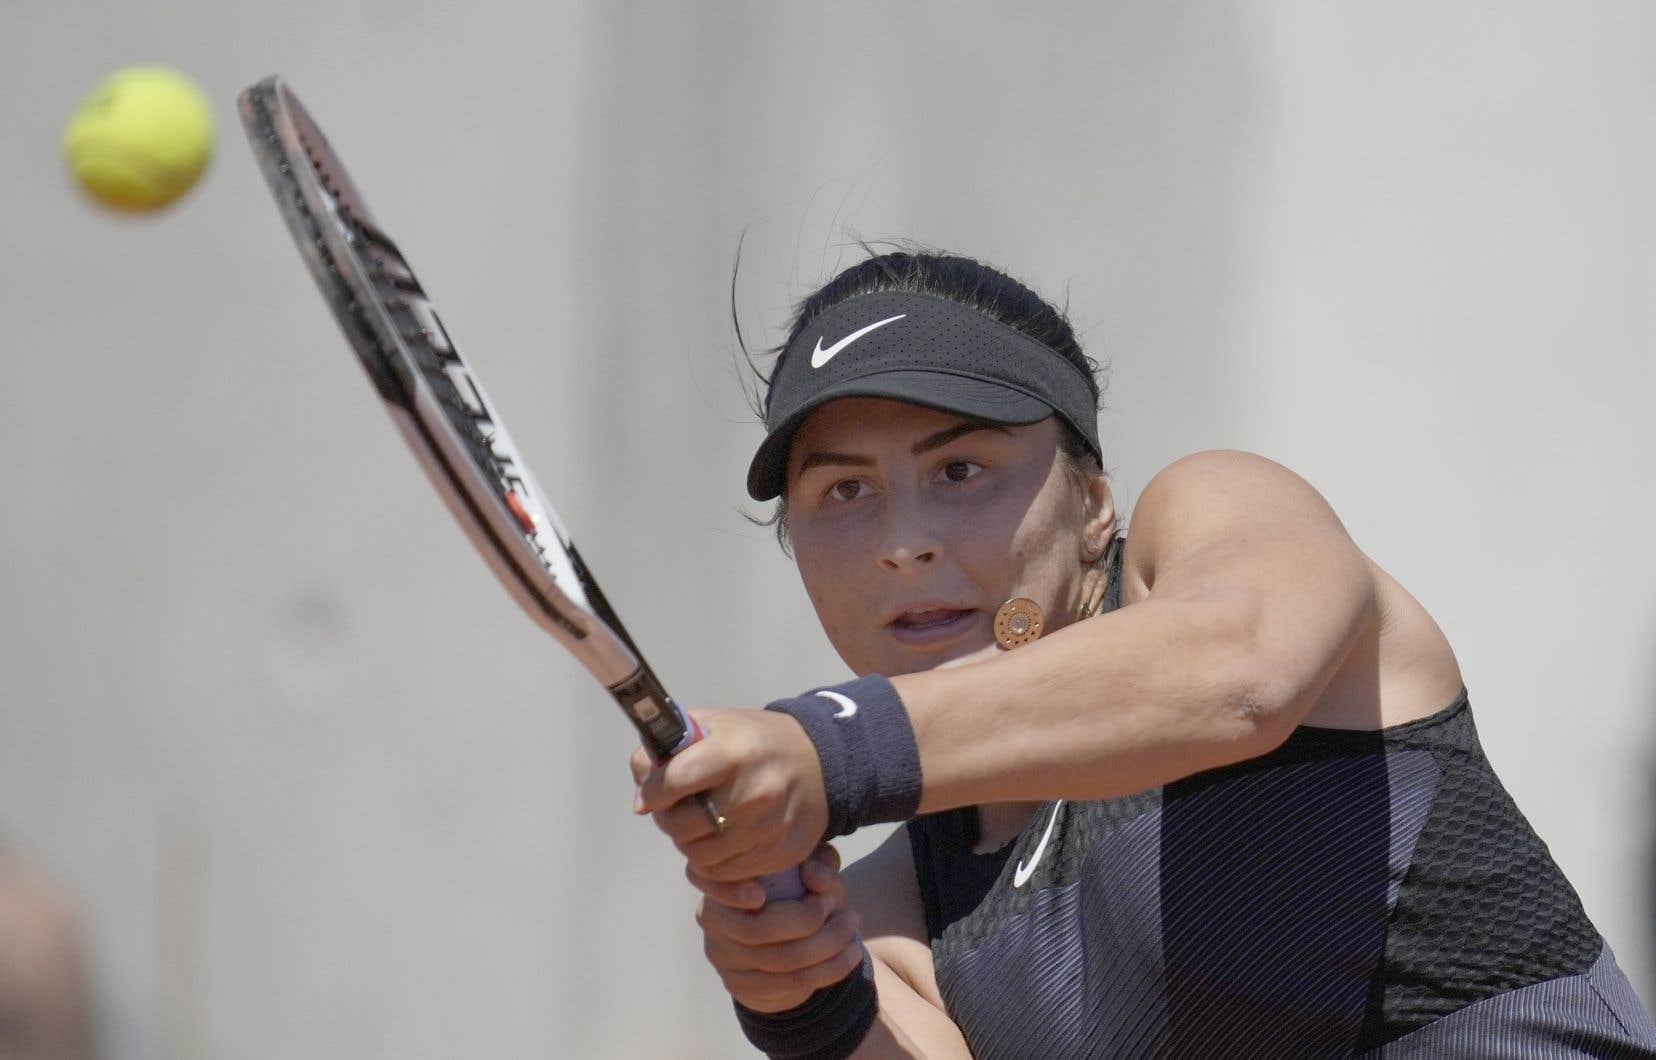 La jeune vedette canadienne, qui connaît un retour à la compétition en montagnes russes en 2021, s'est inclinée 6-7 (1), 7-6 (2), 9-7 face à la Slovène Tamara Zidansek, 85e joueuse mondiale, lors d'un match qui a duré trois heures et 20 minutes sur la terre battue de Roland-Garros.